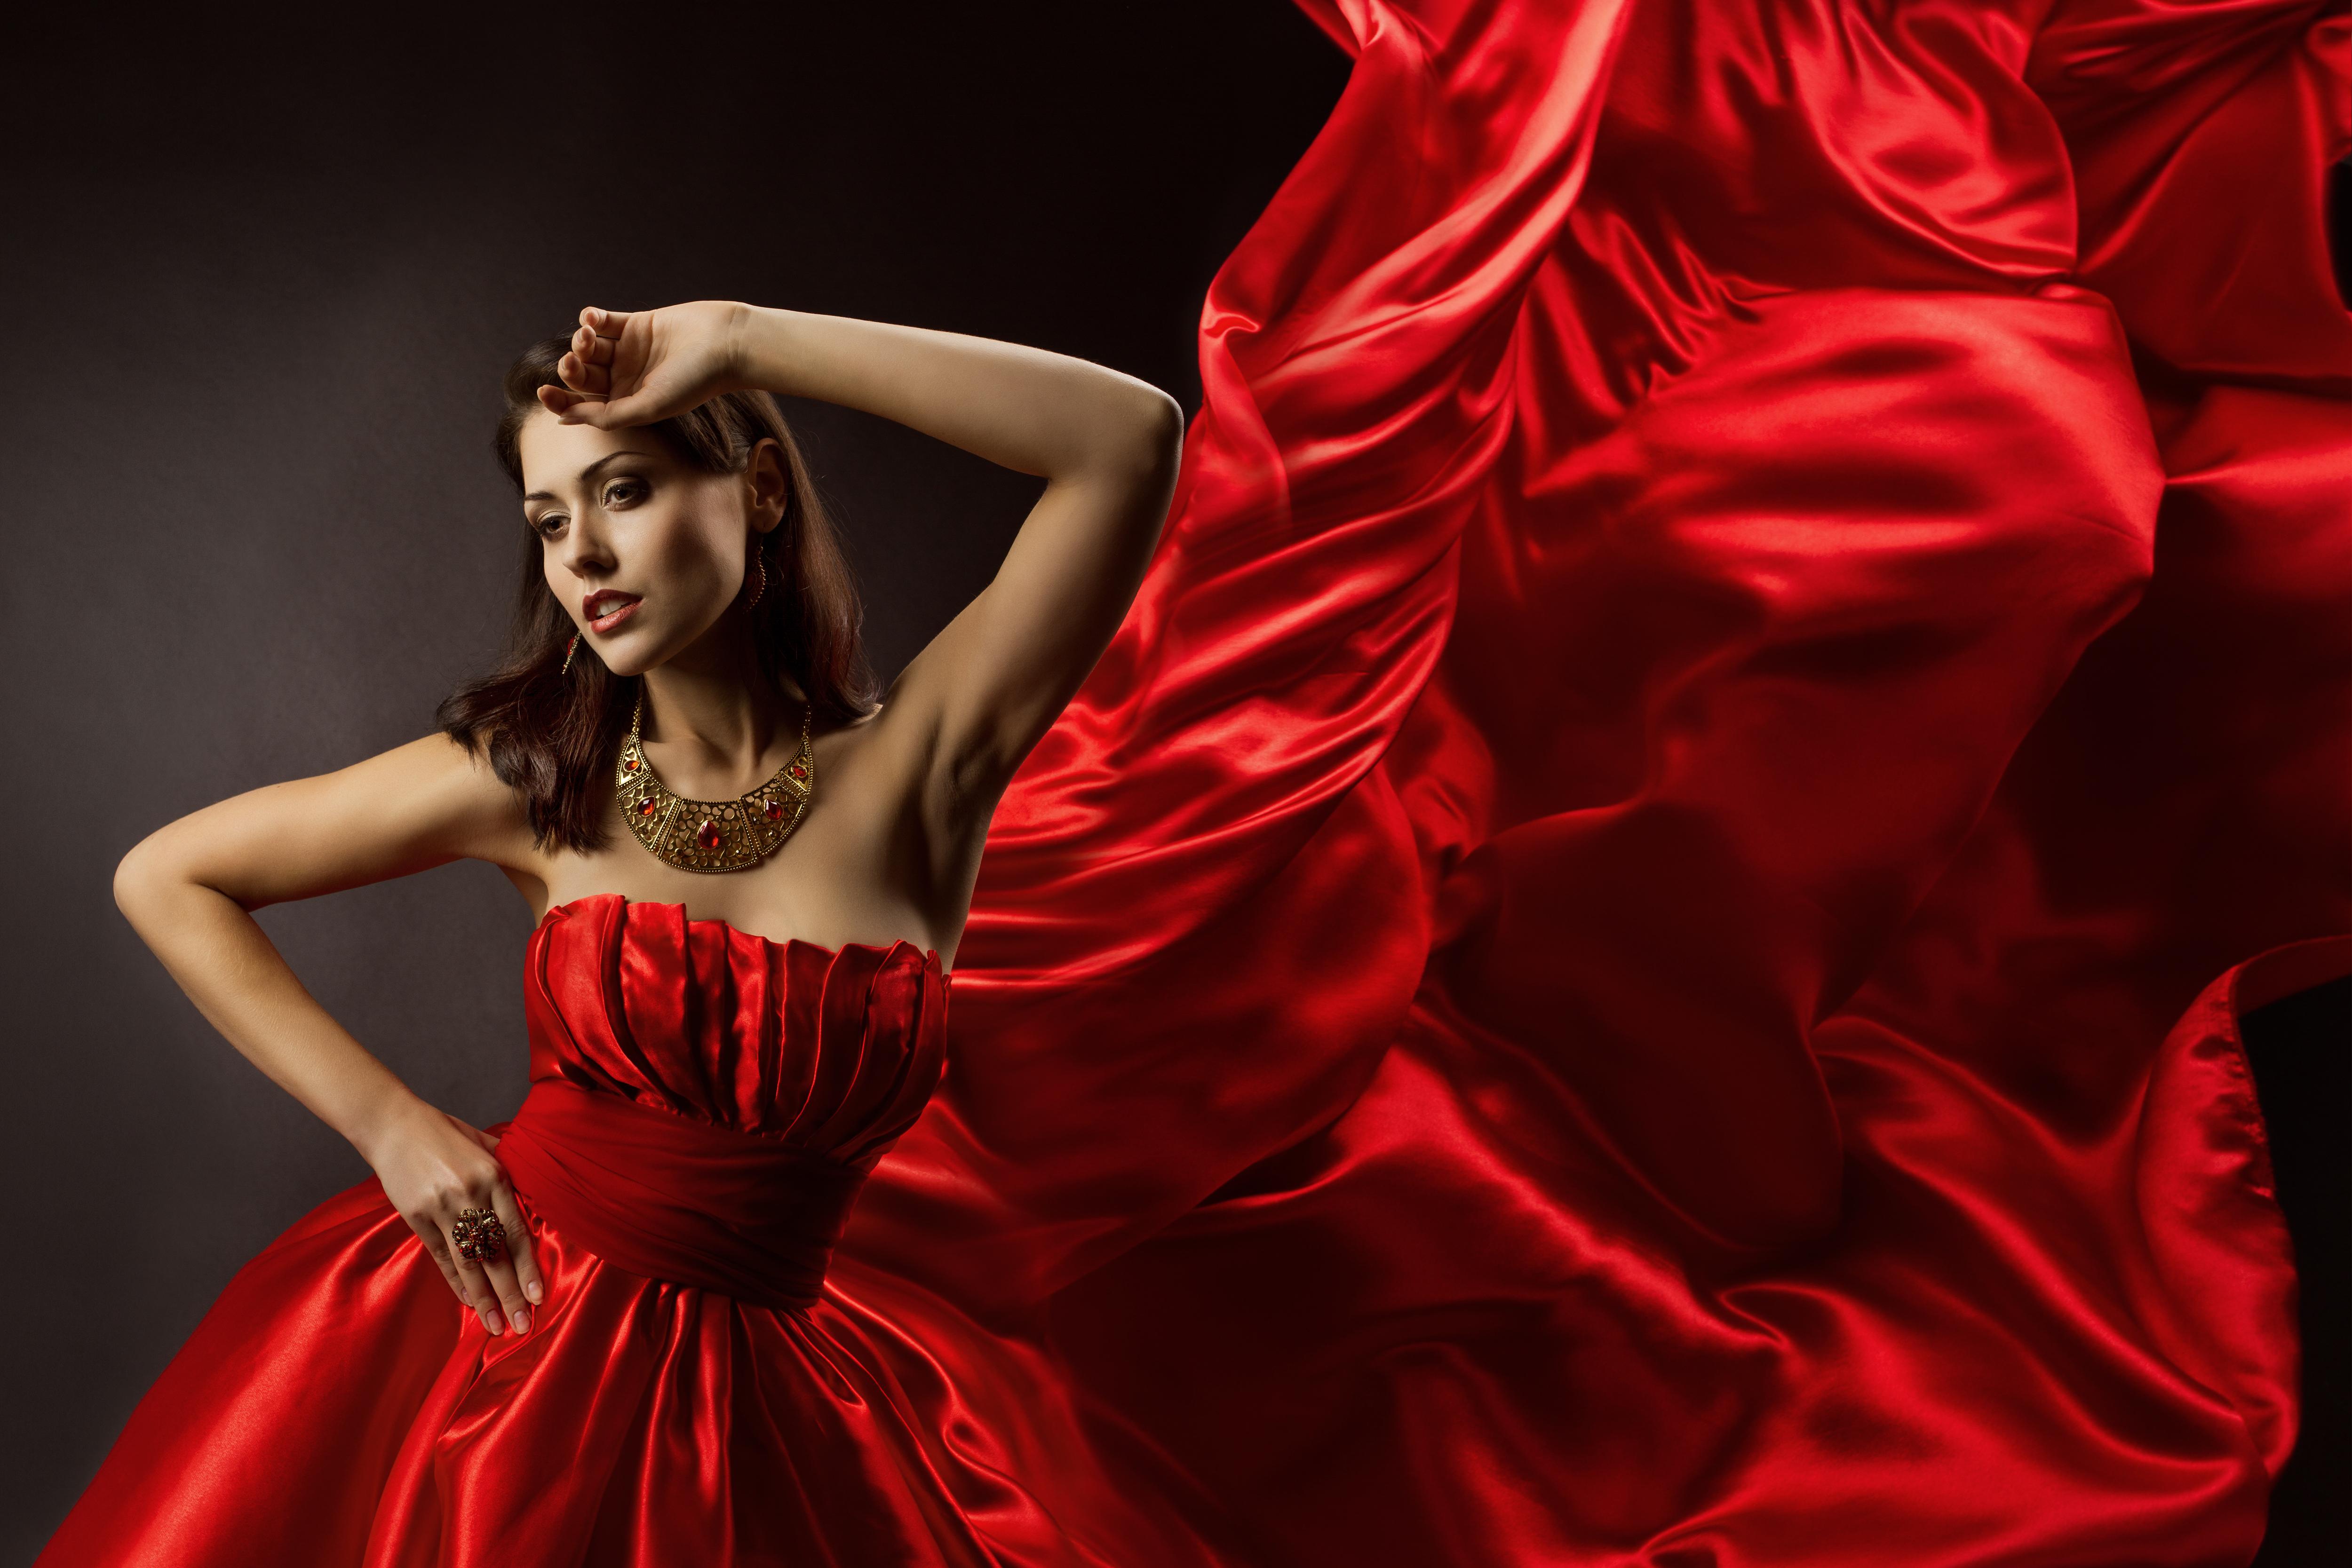 визитка в виде красного платья фото сегодняшнем выпуске представлены